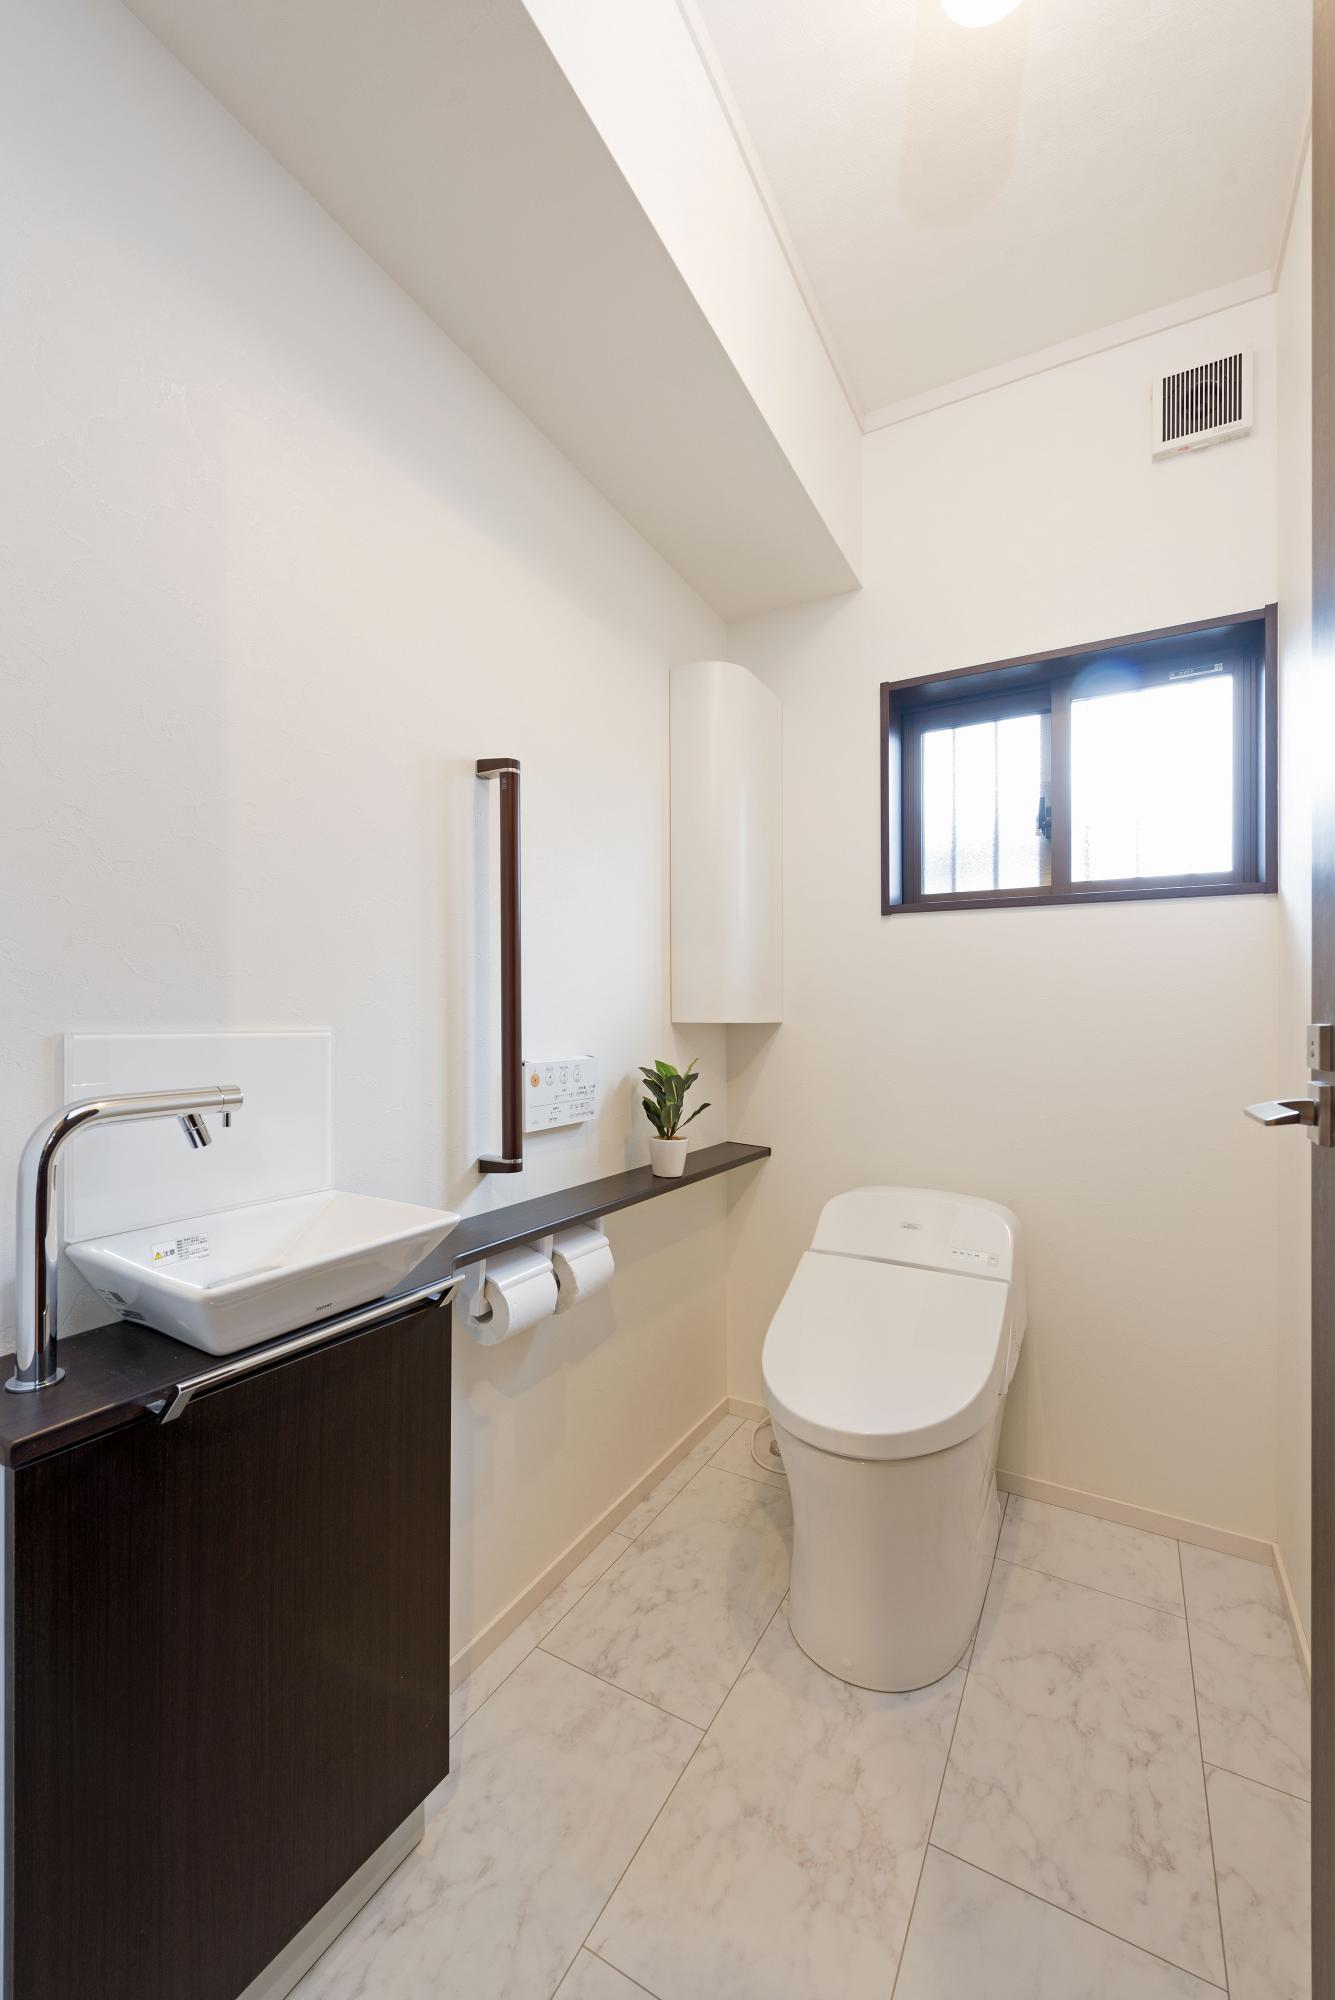 明るく清潔なトイレの床は、白の大理石調のフローリングに。ブラウン系の手洗いカウンターを設置し、壁にはコーナー収納を設けた。